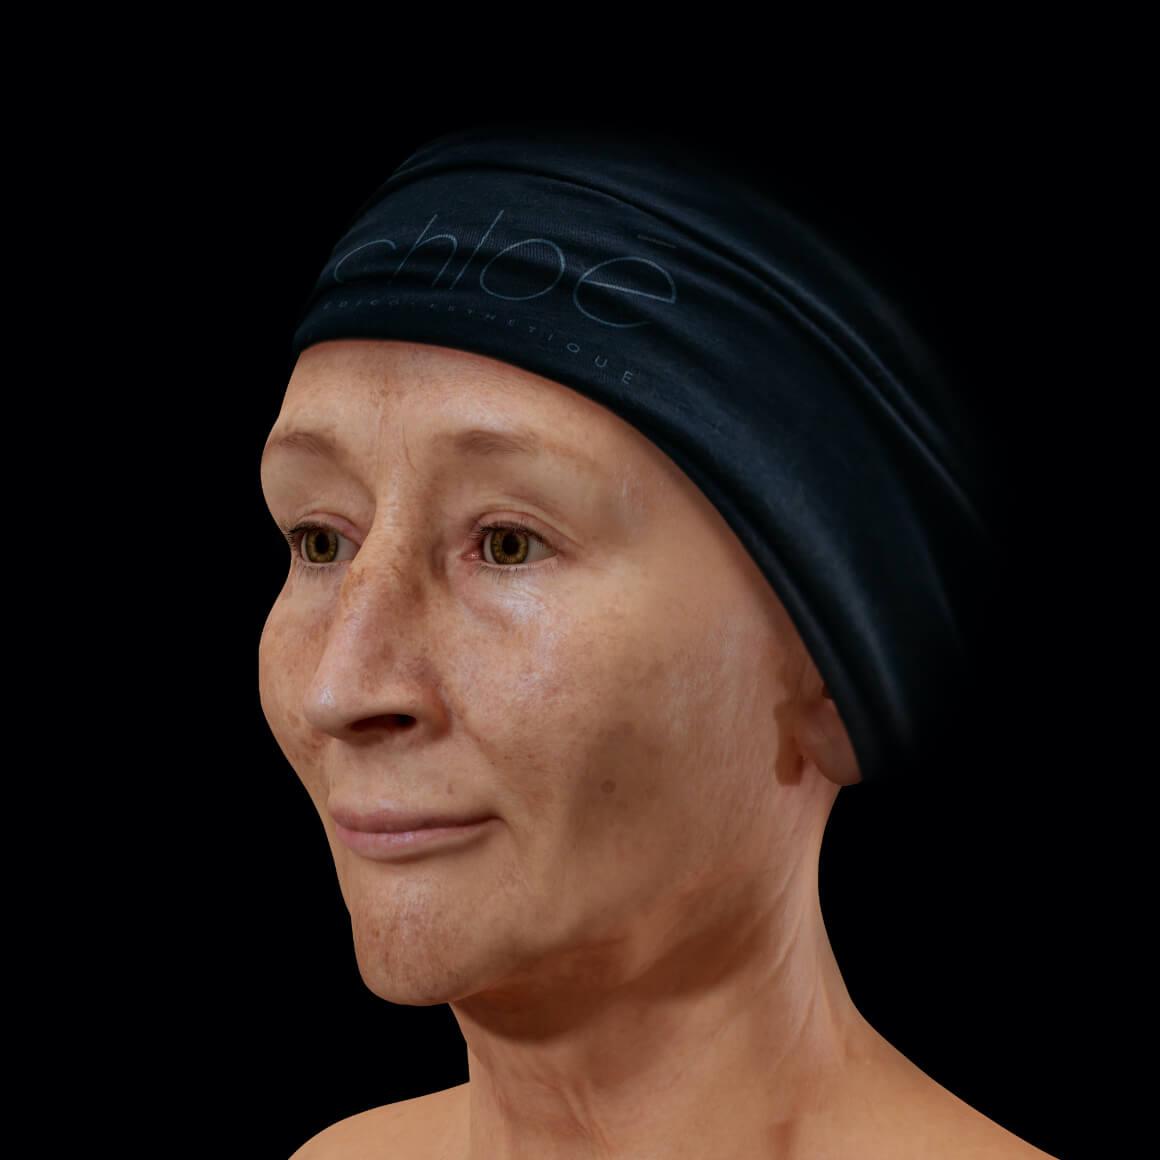 Femme patiente à la Clinique Chloé vue en angle arborant du mélasma sur le visage